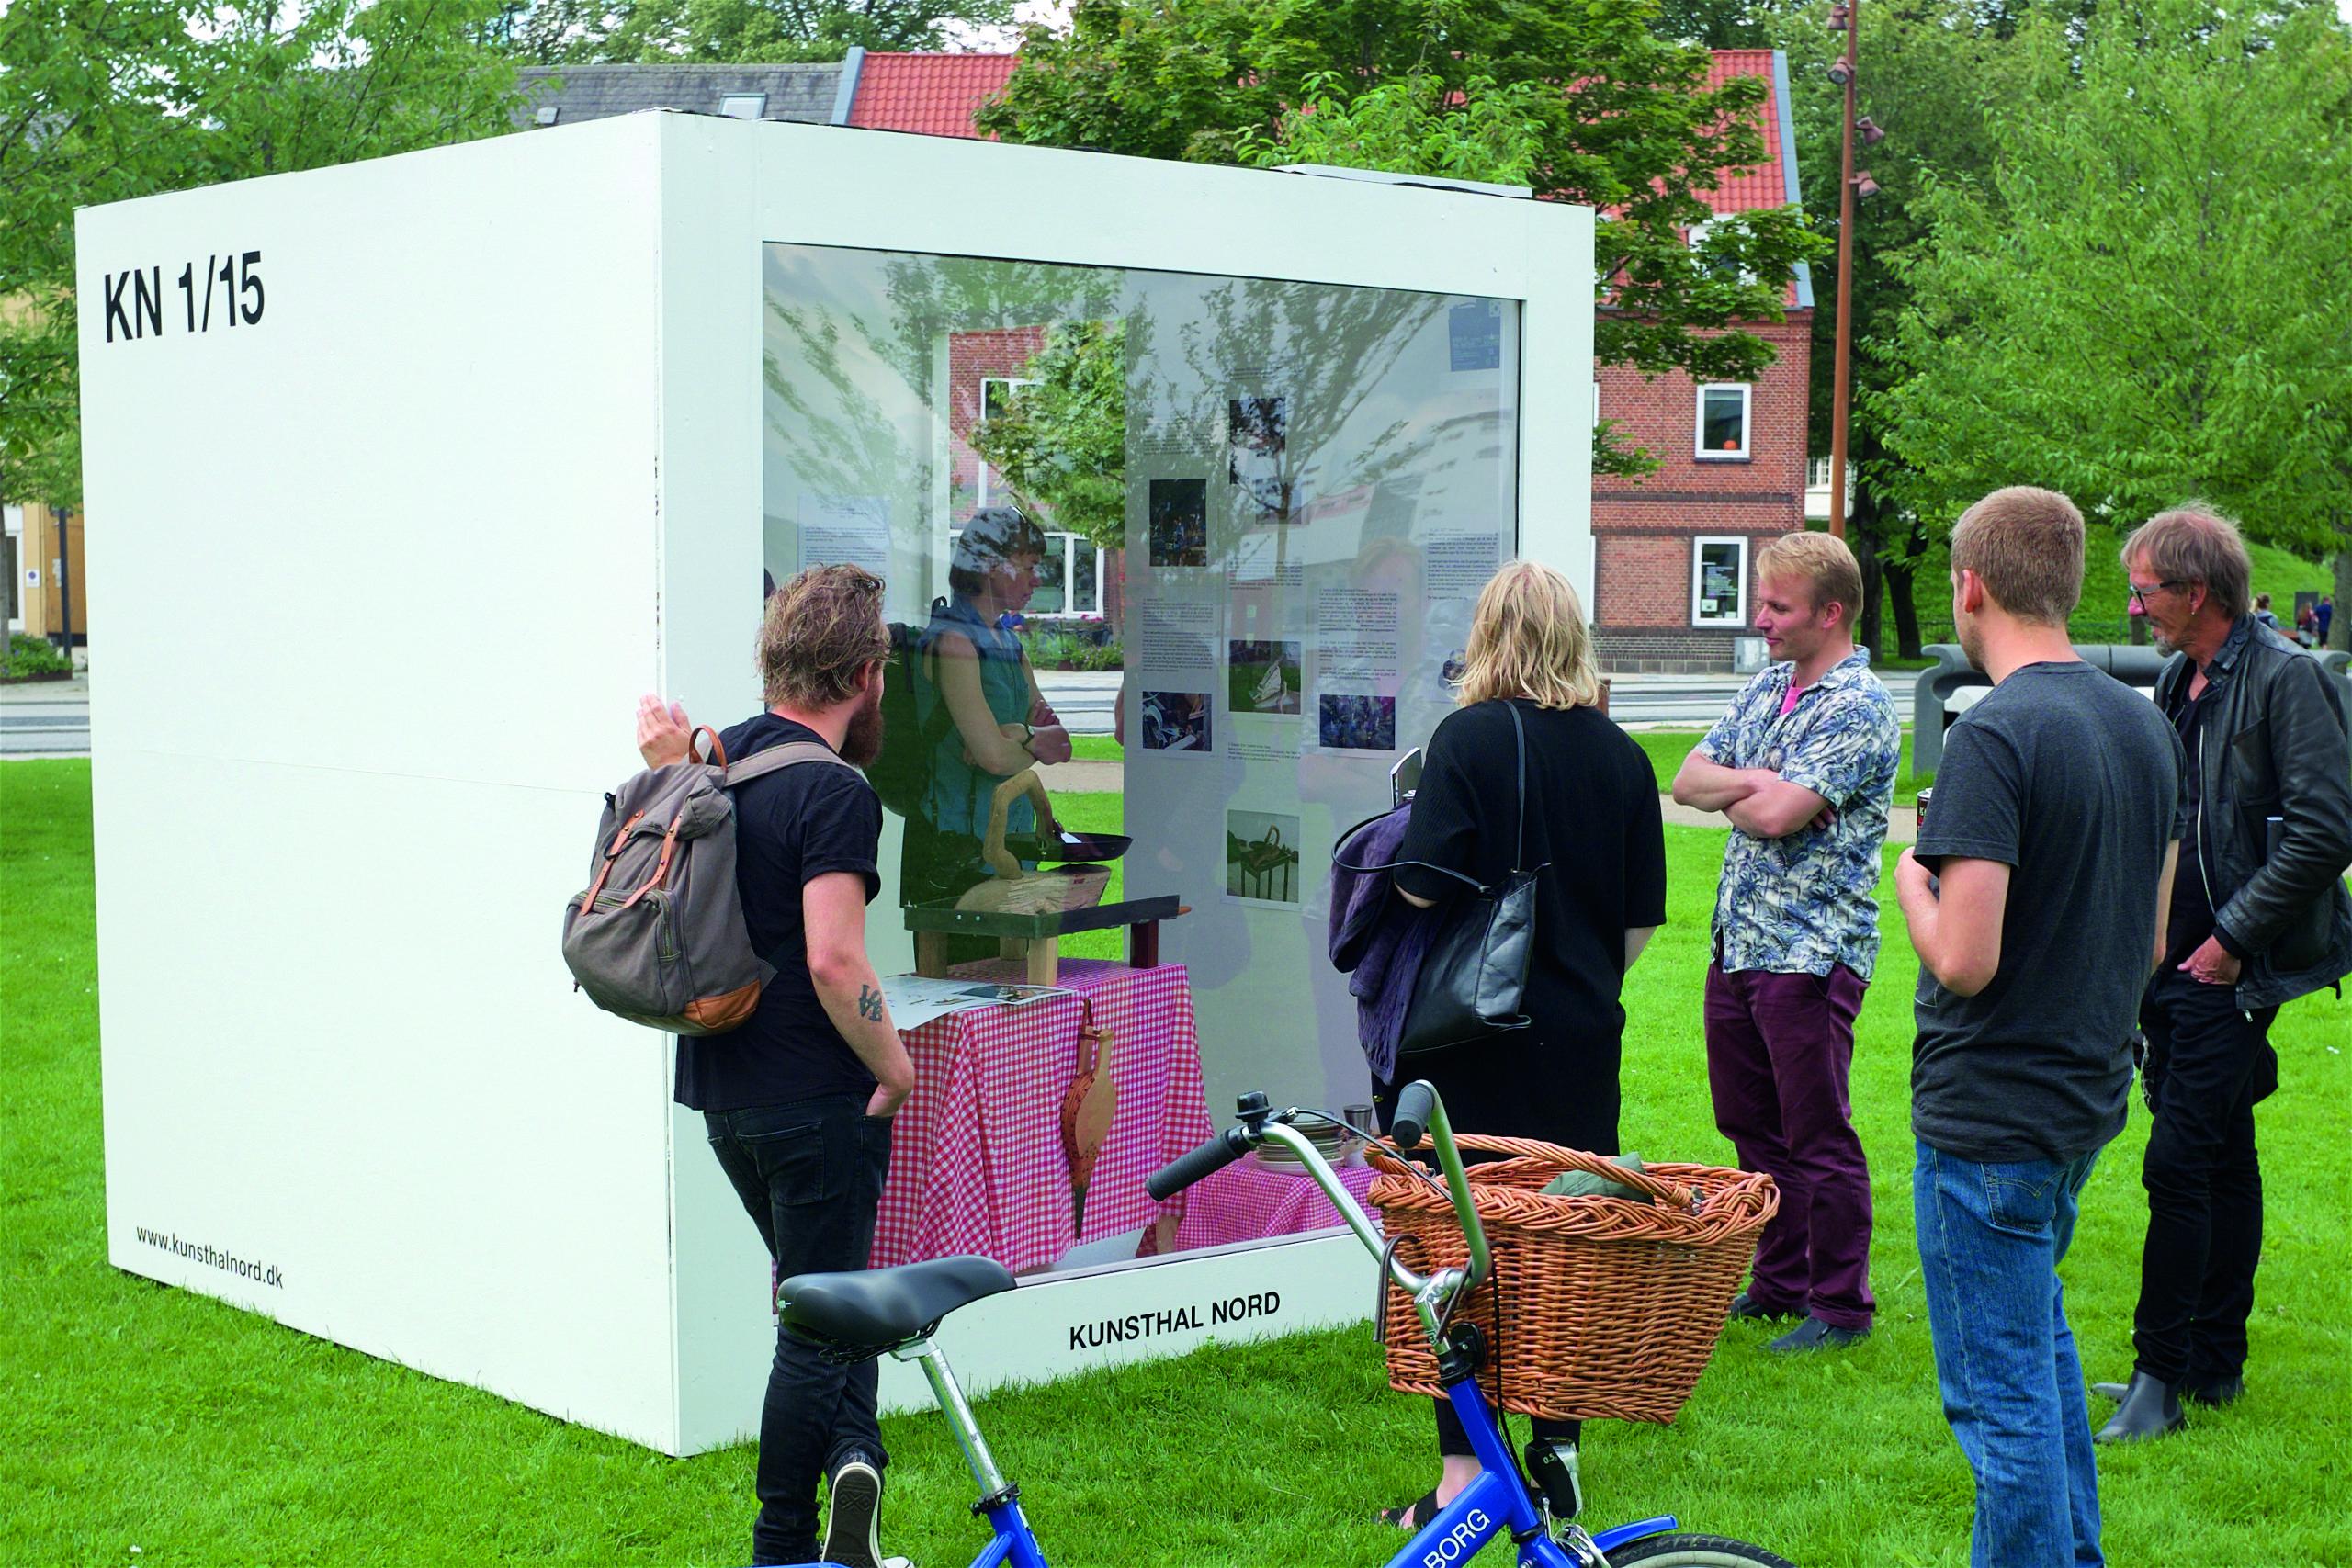 Ud hvor vi bor: Kunsten rykker ind i Aalborg Ø